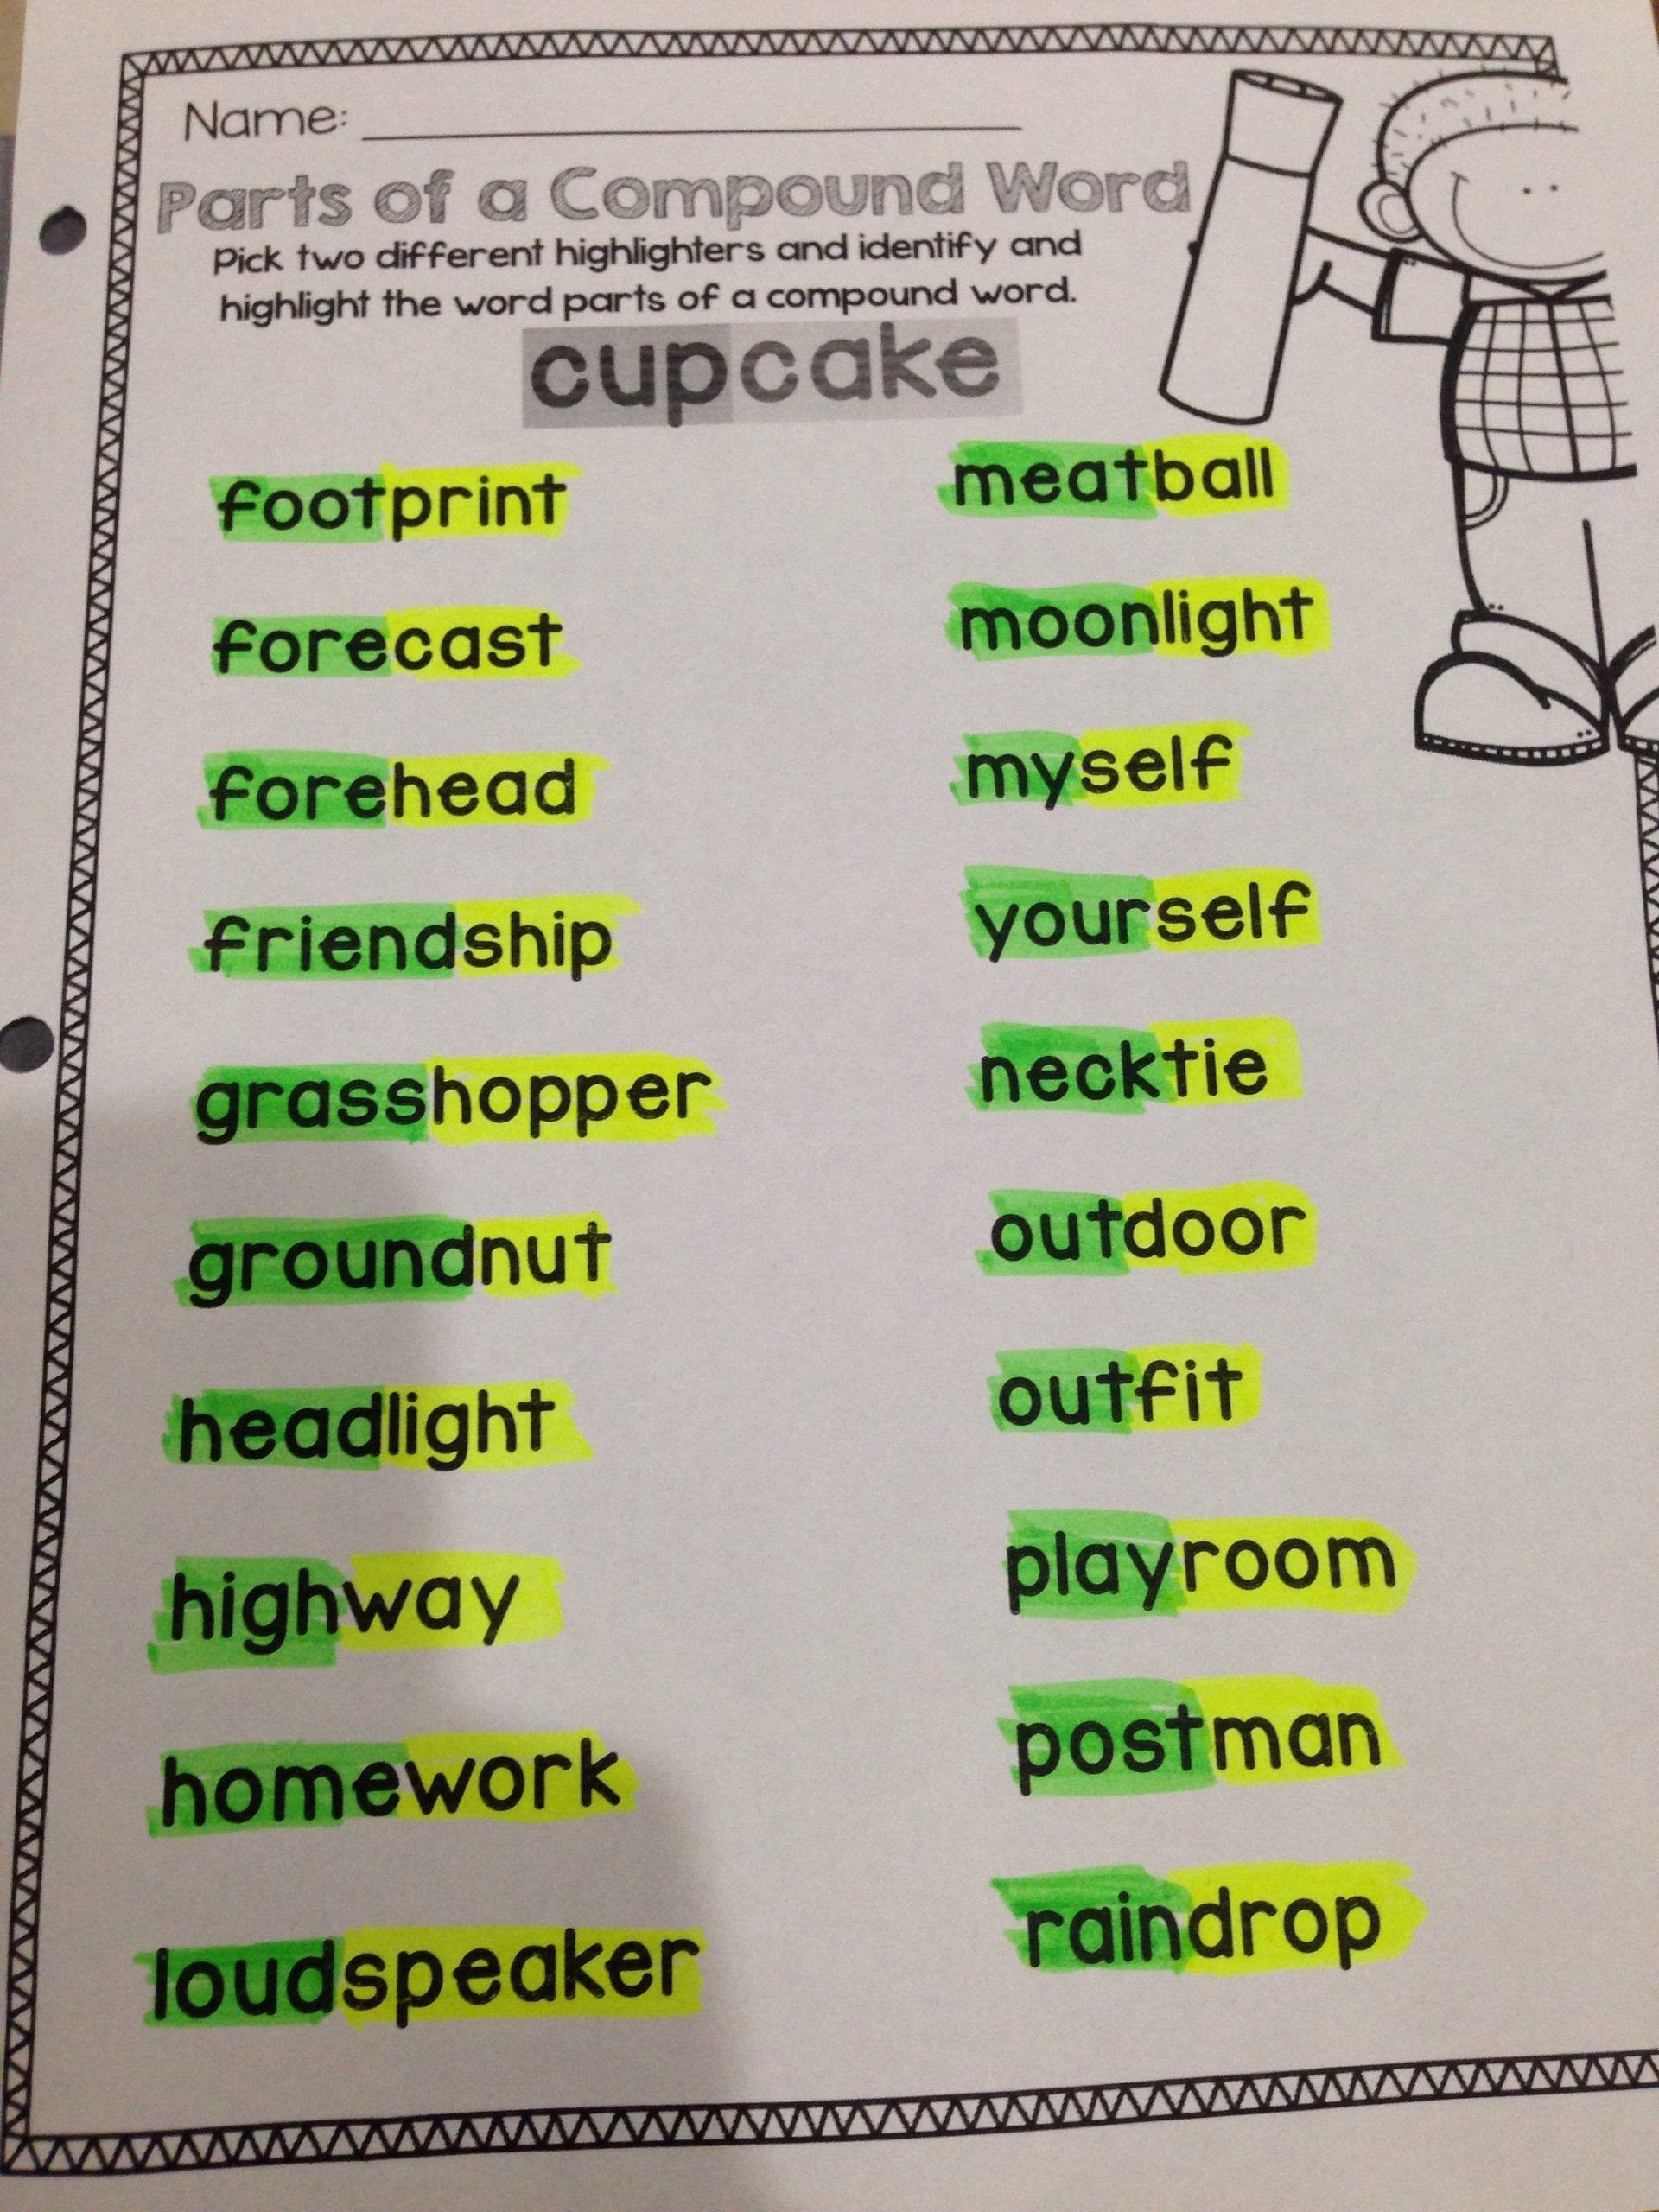 Compound Words Worksheet For Kindergarten Worksheet For Kindergarten In 2020 Compound Words Compound Words Activities Compound Words Worksheets